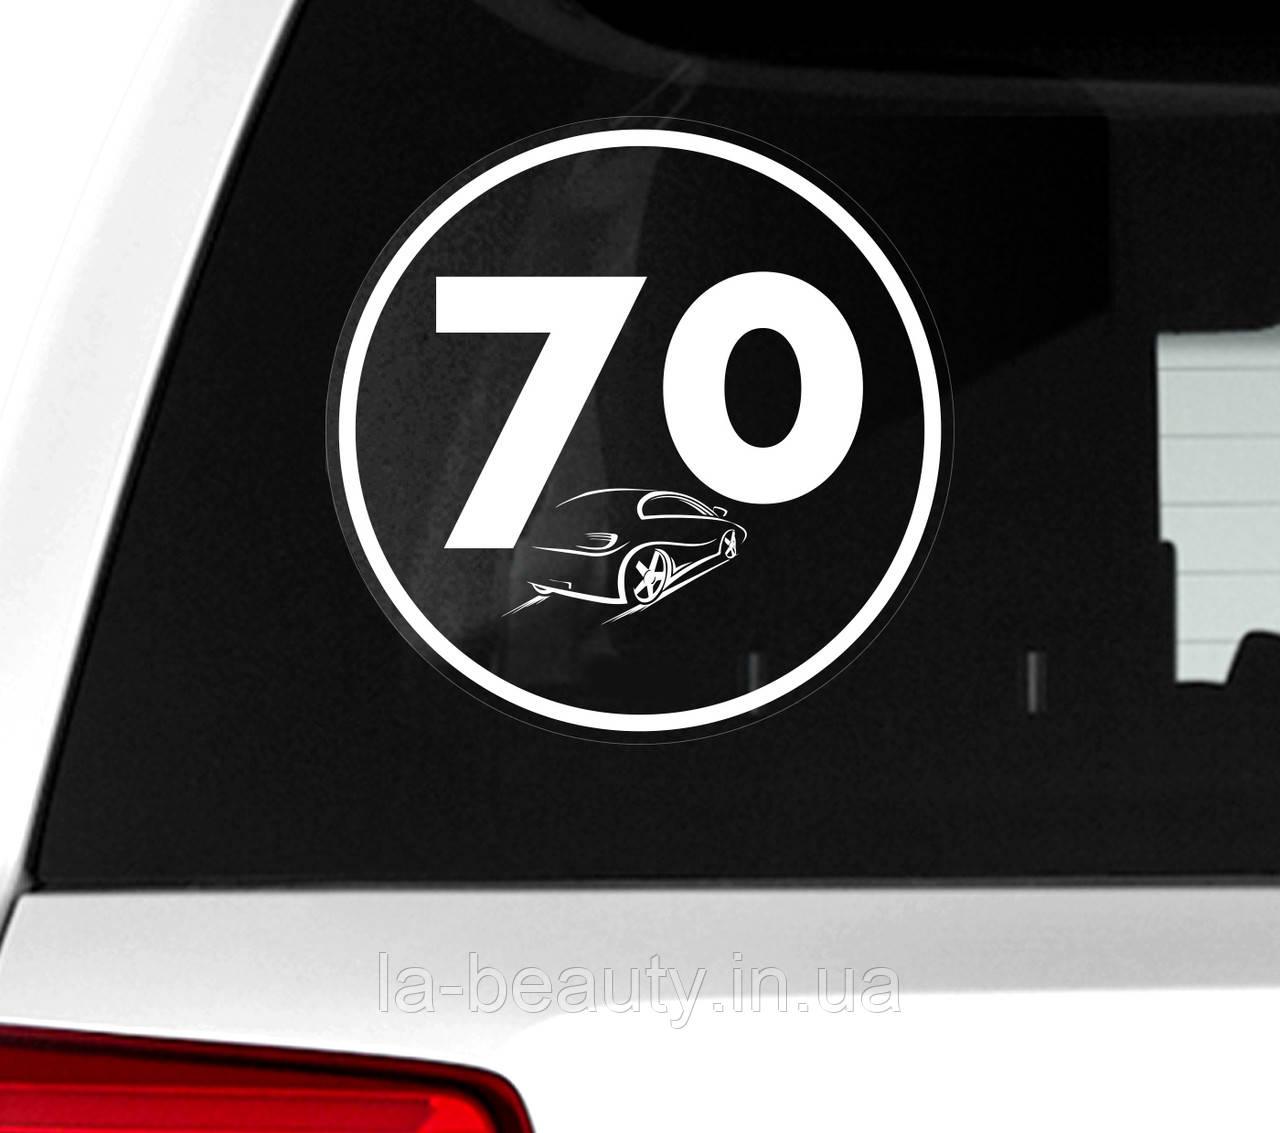 Наклейка знак на машину авто стекло 70 км (ограничительный знак) с авто